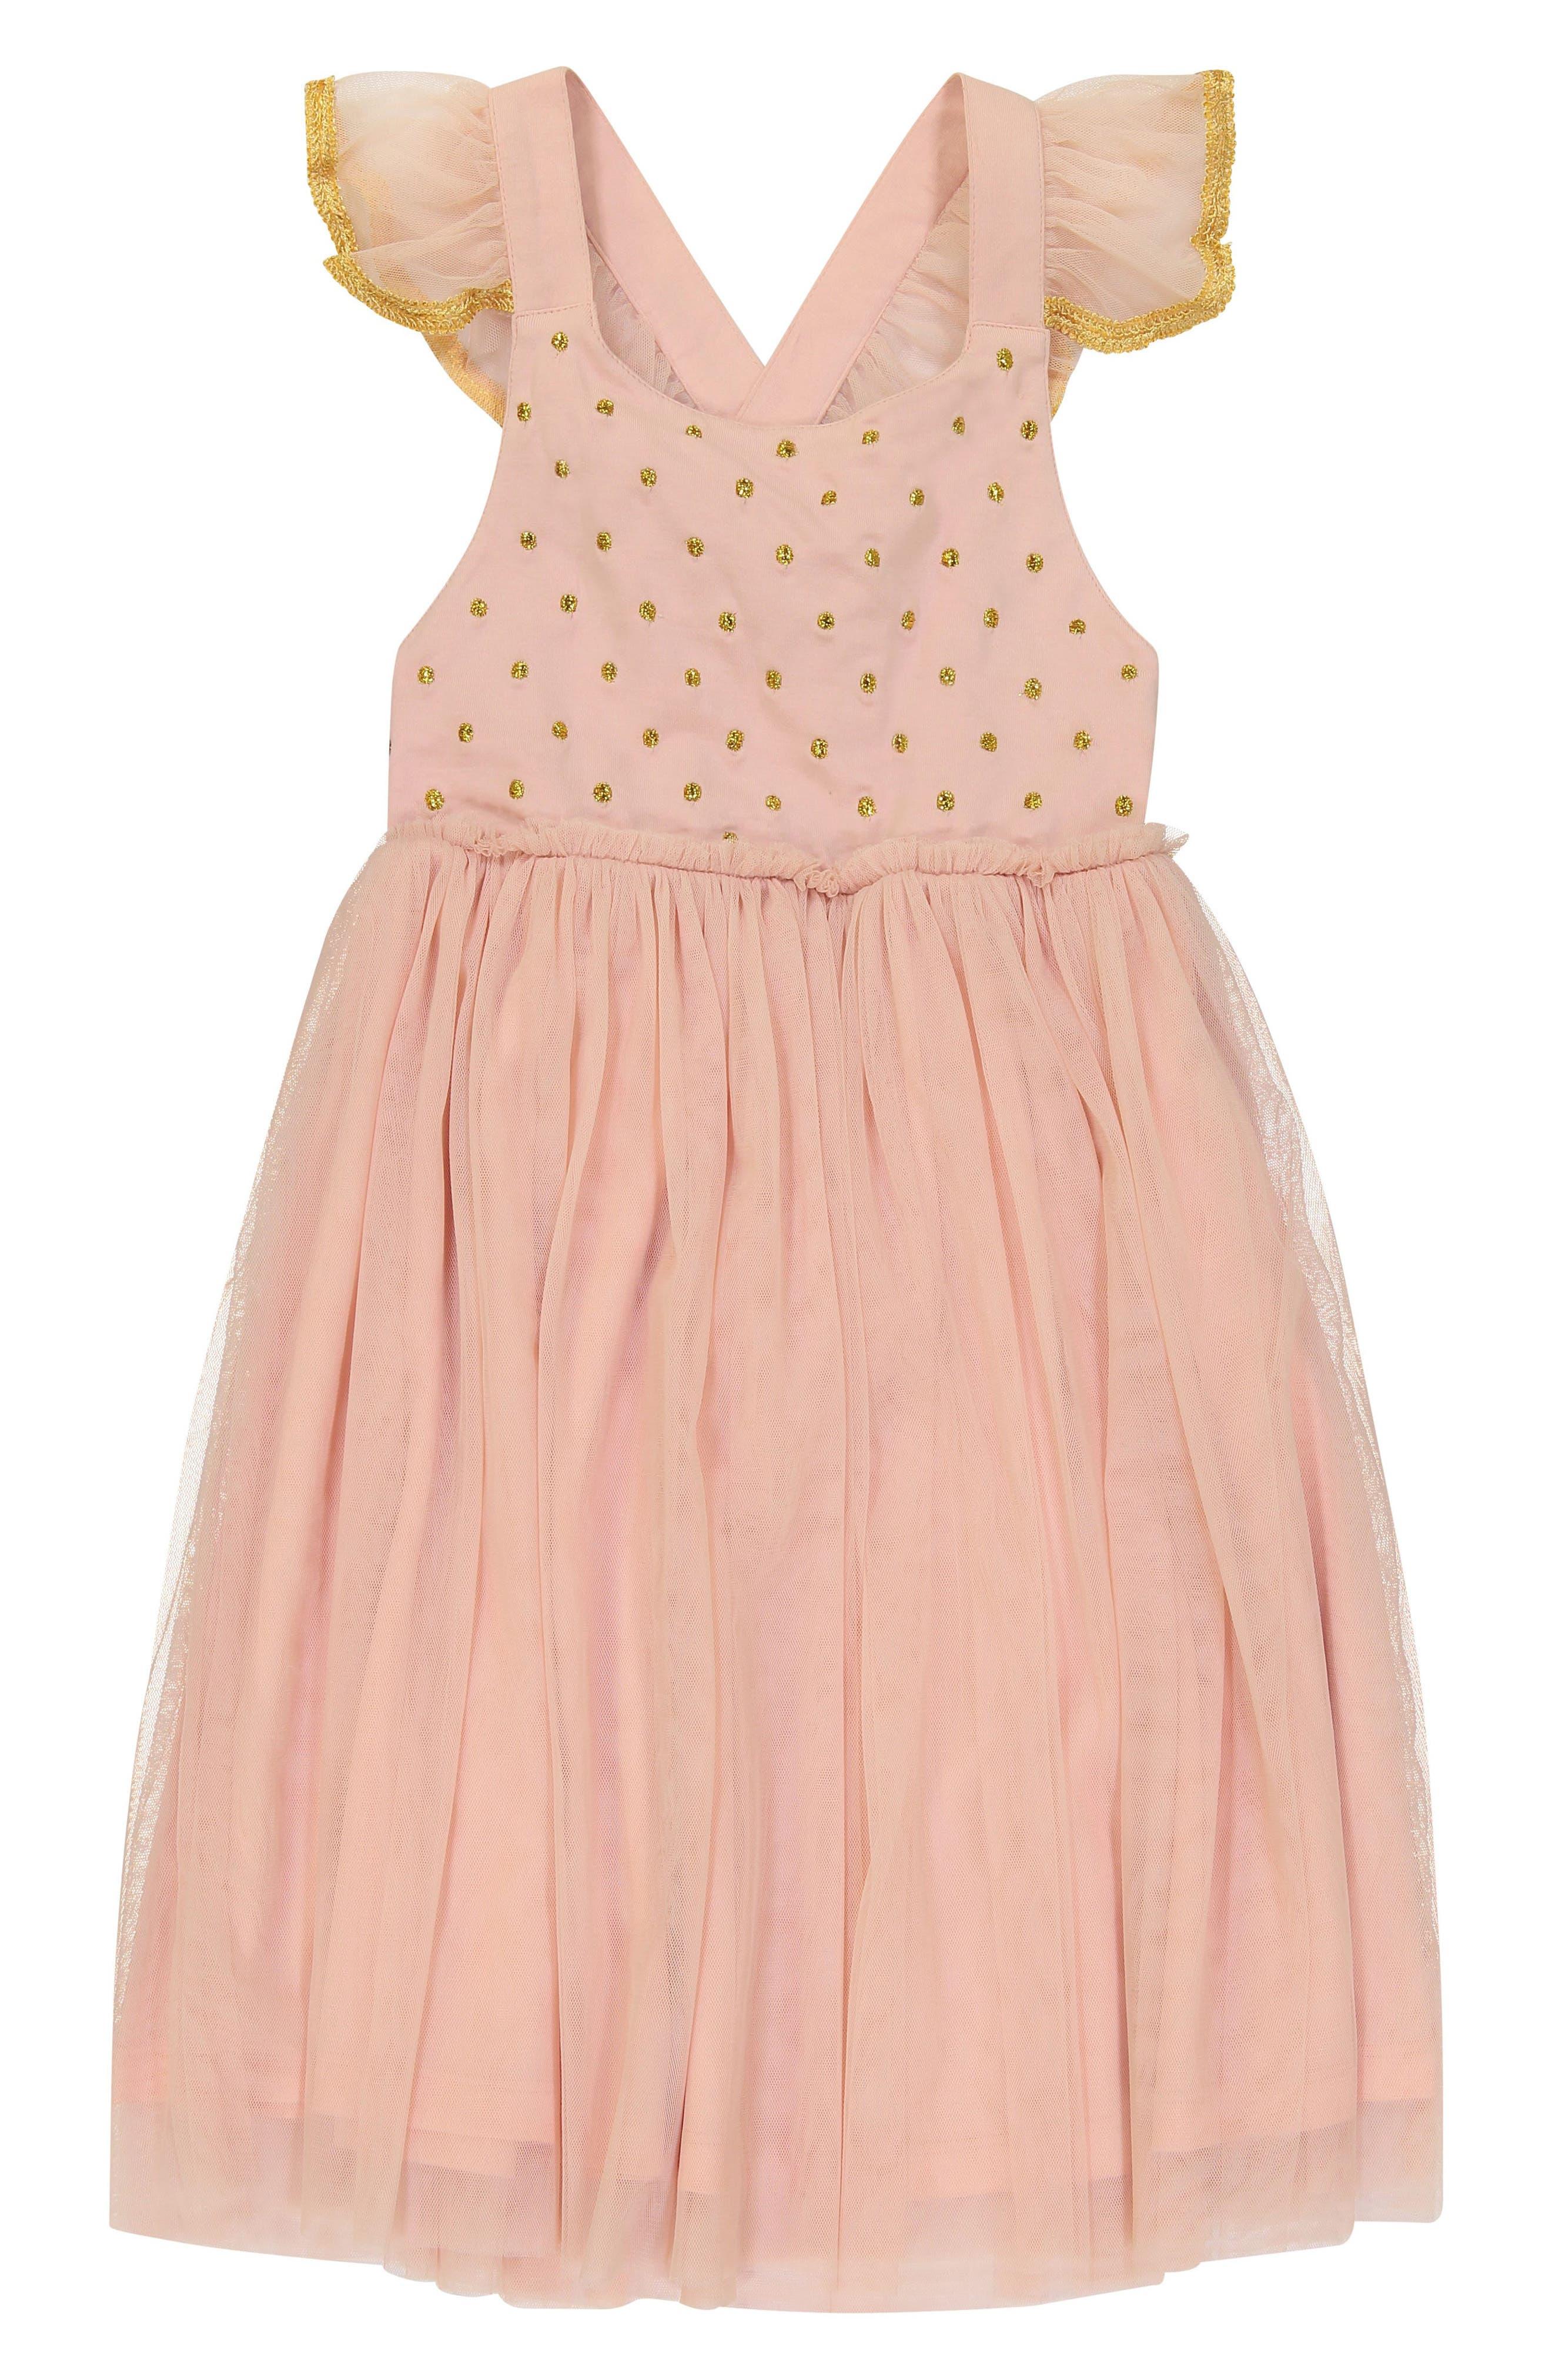 Diya Tulle Sundress,                         Main,                         color, Blush